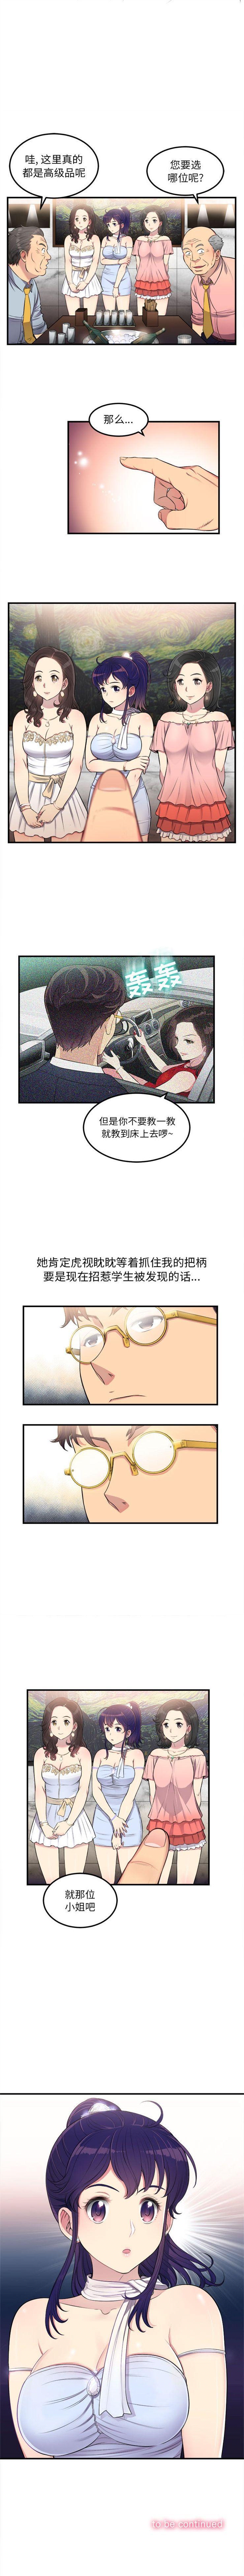 由莉的秘密1-60 中文翻译 (更新中) 49